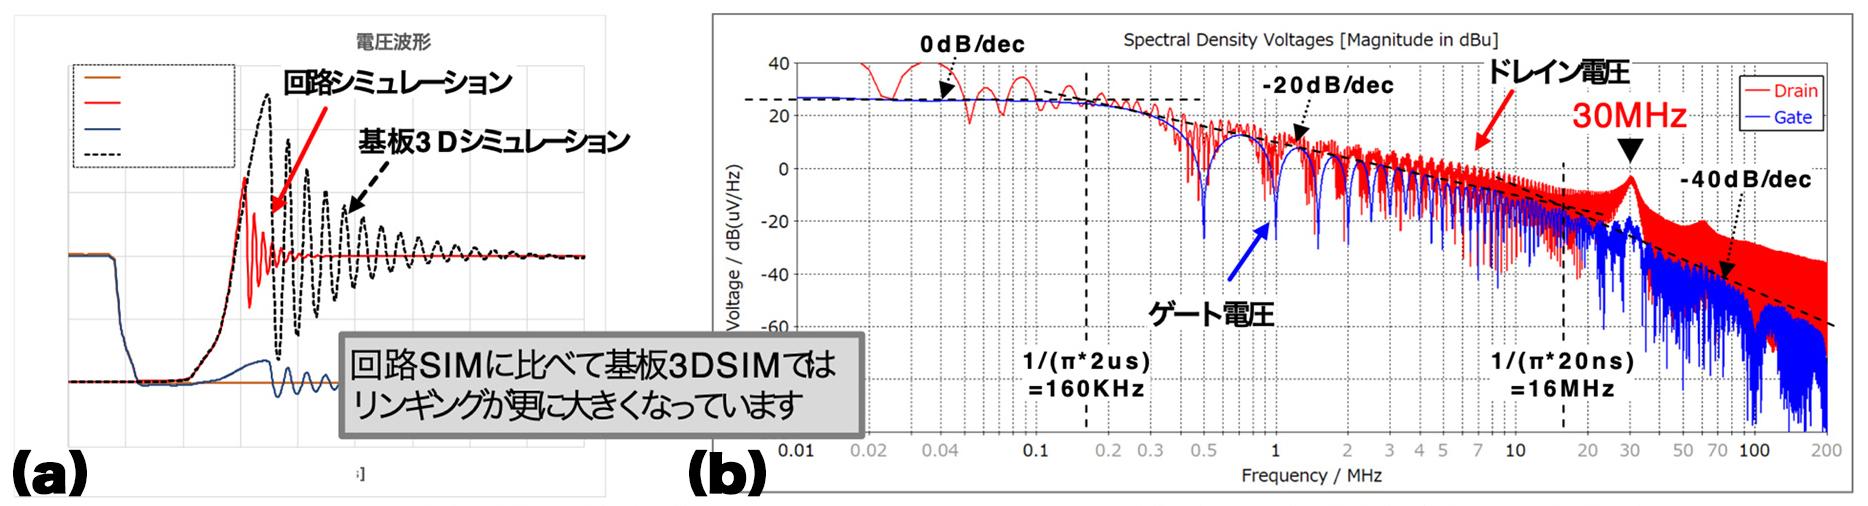 図5. (a)FET OFFリンギング時間波形/(b)基板3D/過渡解析スペクトル